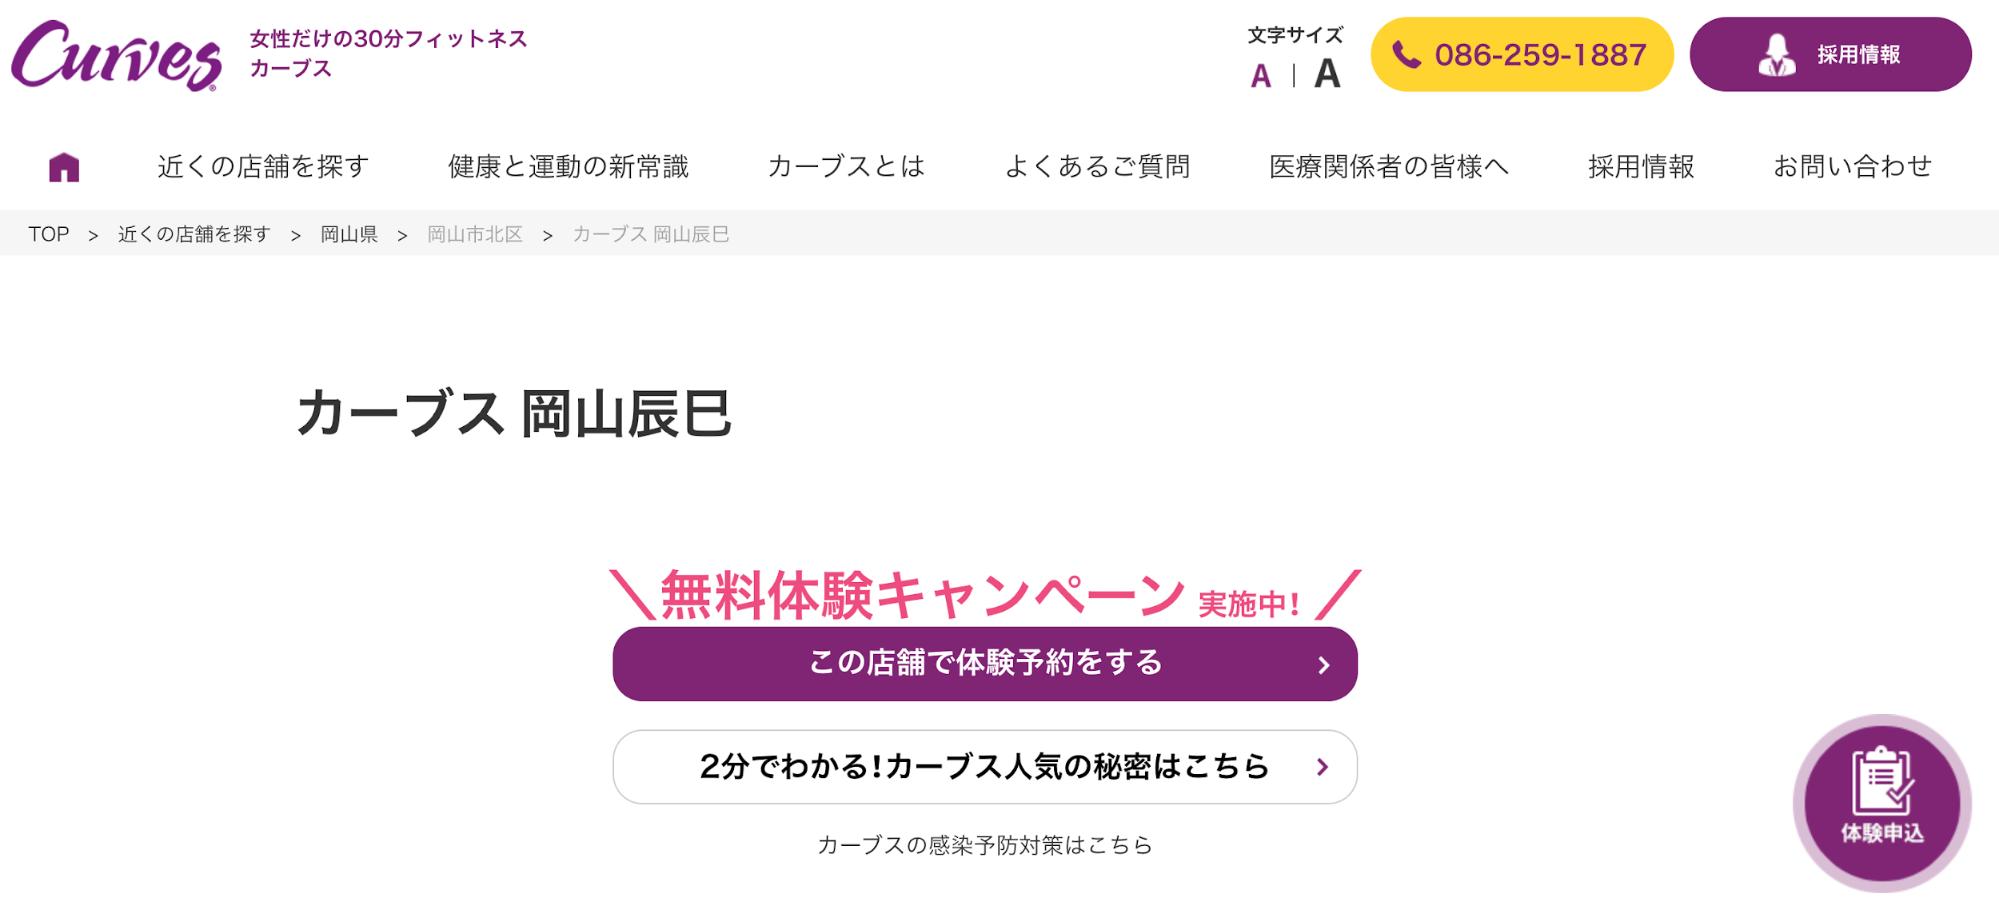 カーブス 岡山辰巳店